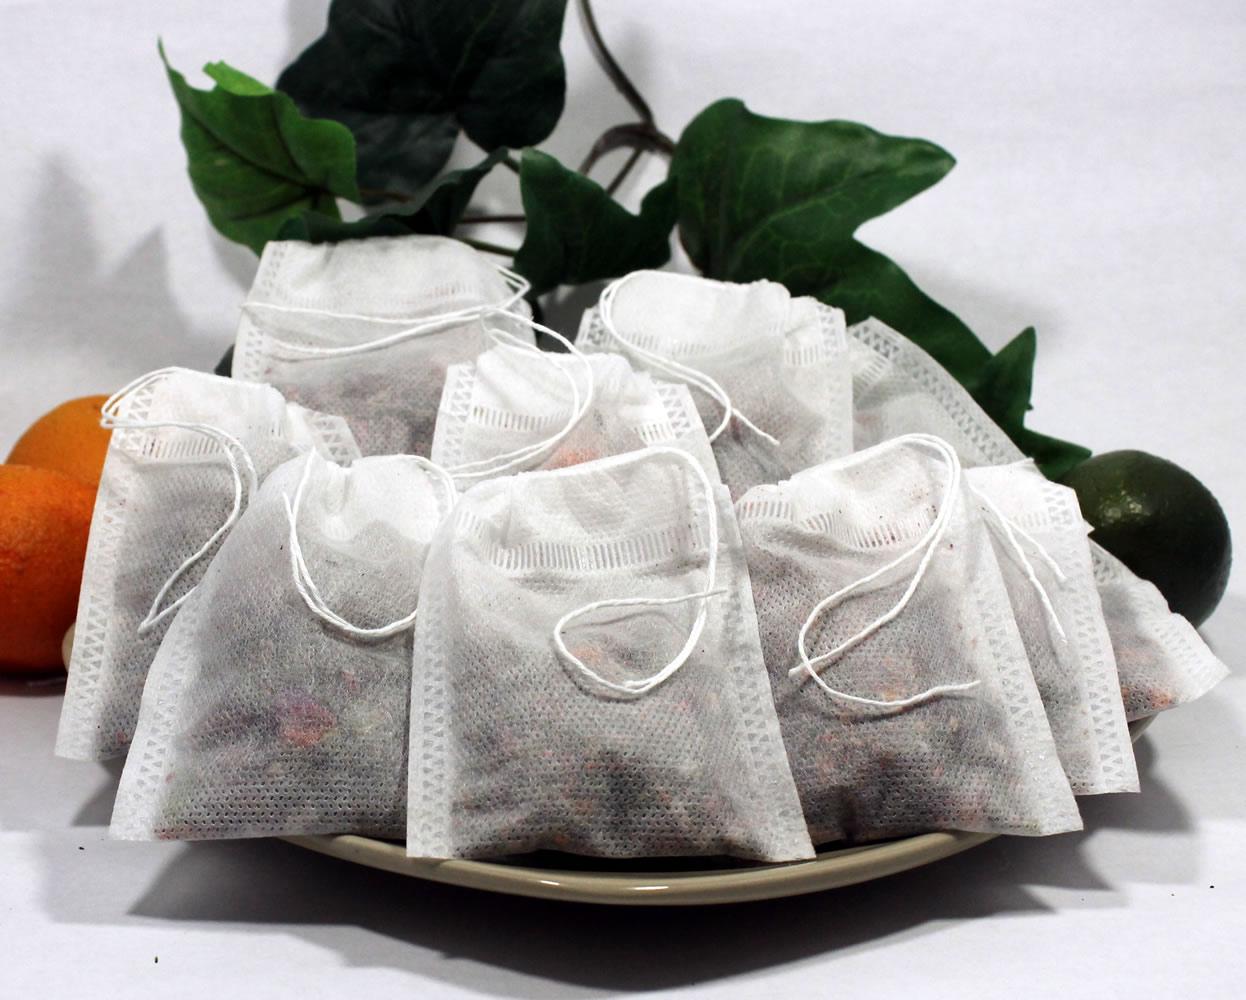 p-9491-Woven-Tea-Bags